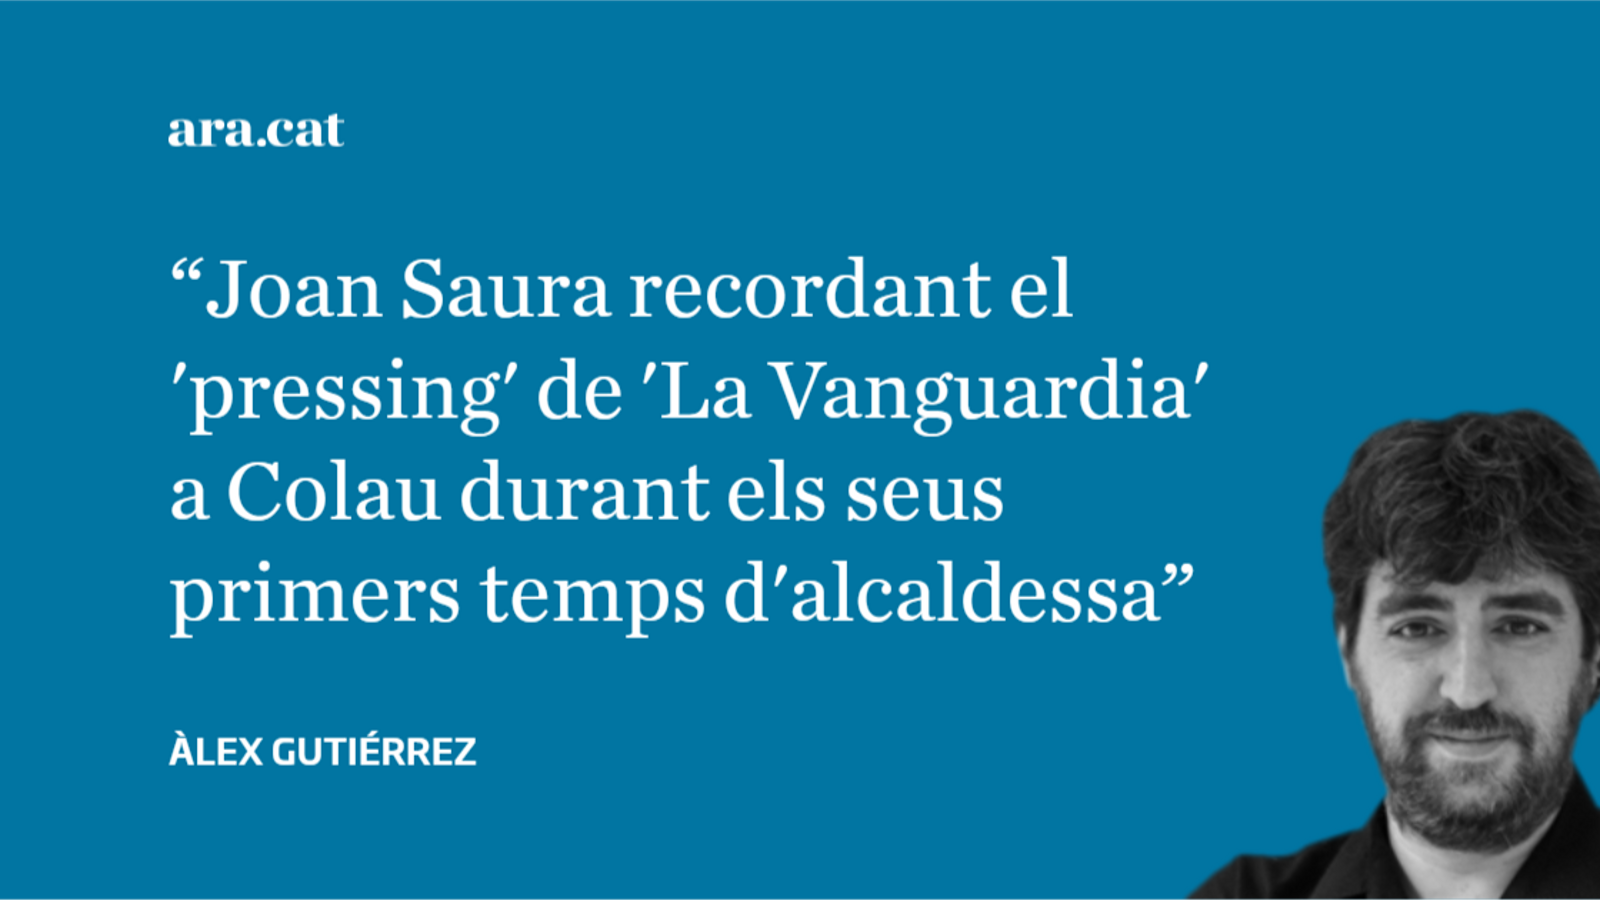 Joan Saura llegeix els titulars sobre la inseguretat a Barcelona